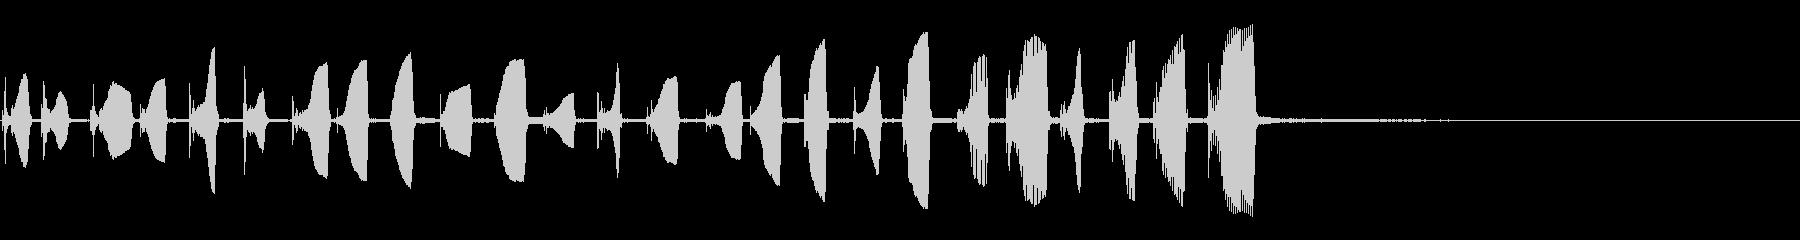 アコーデオン:タンブルダウンアクセ...の未再生の波形